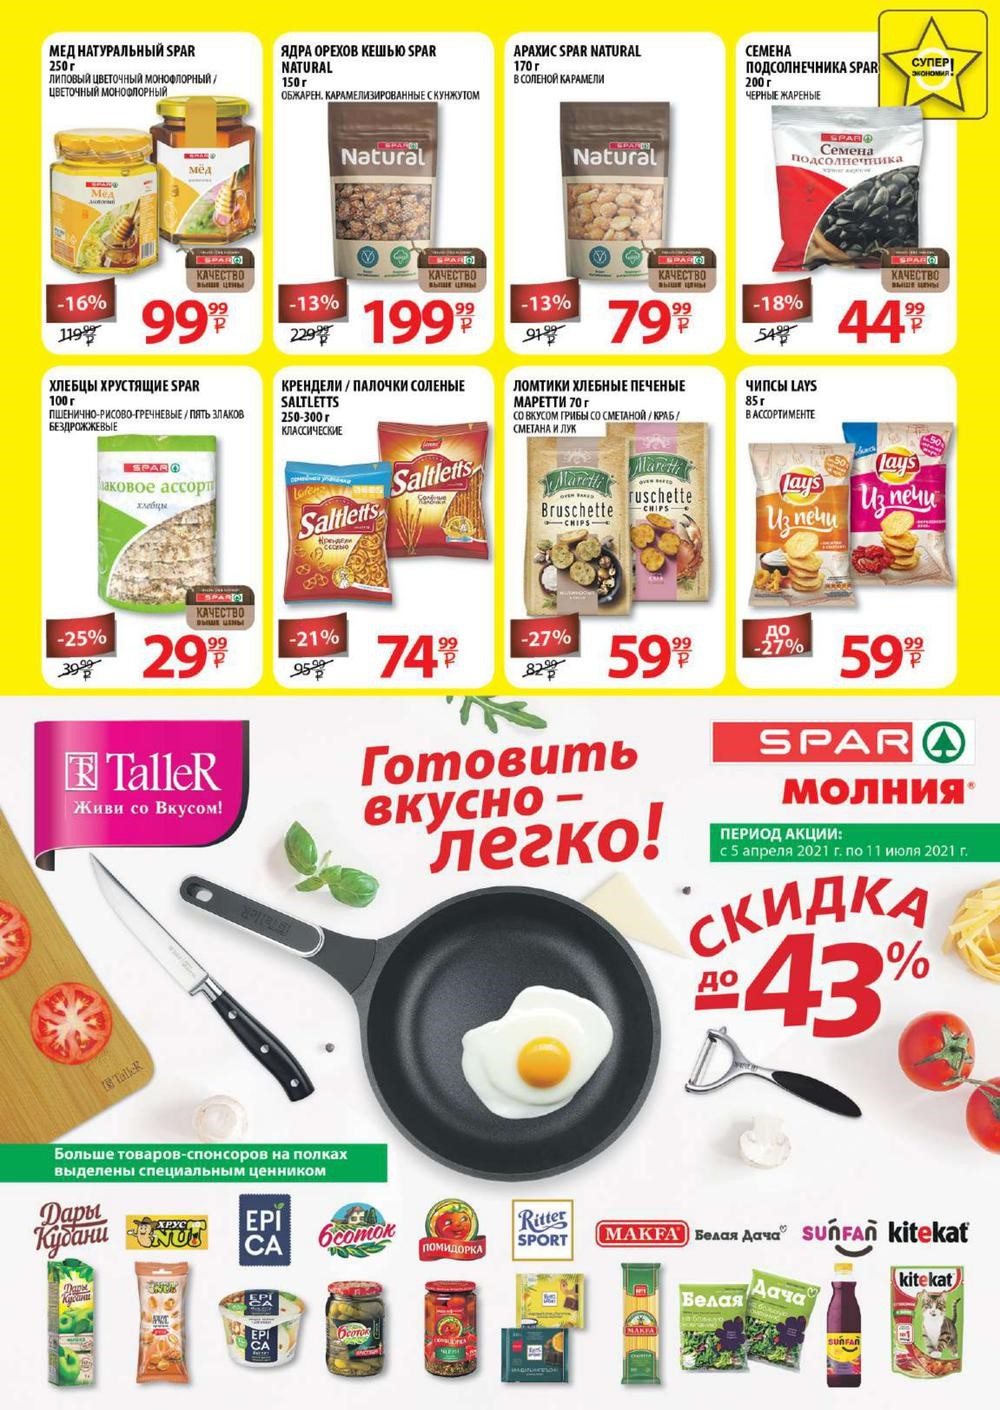 Новый каталог акций в Спаре г. Магнитогорск